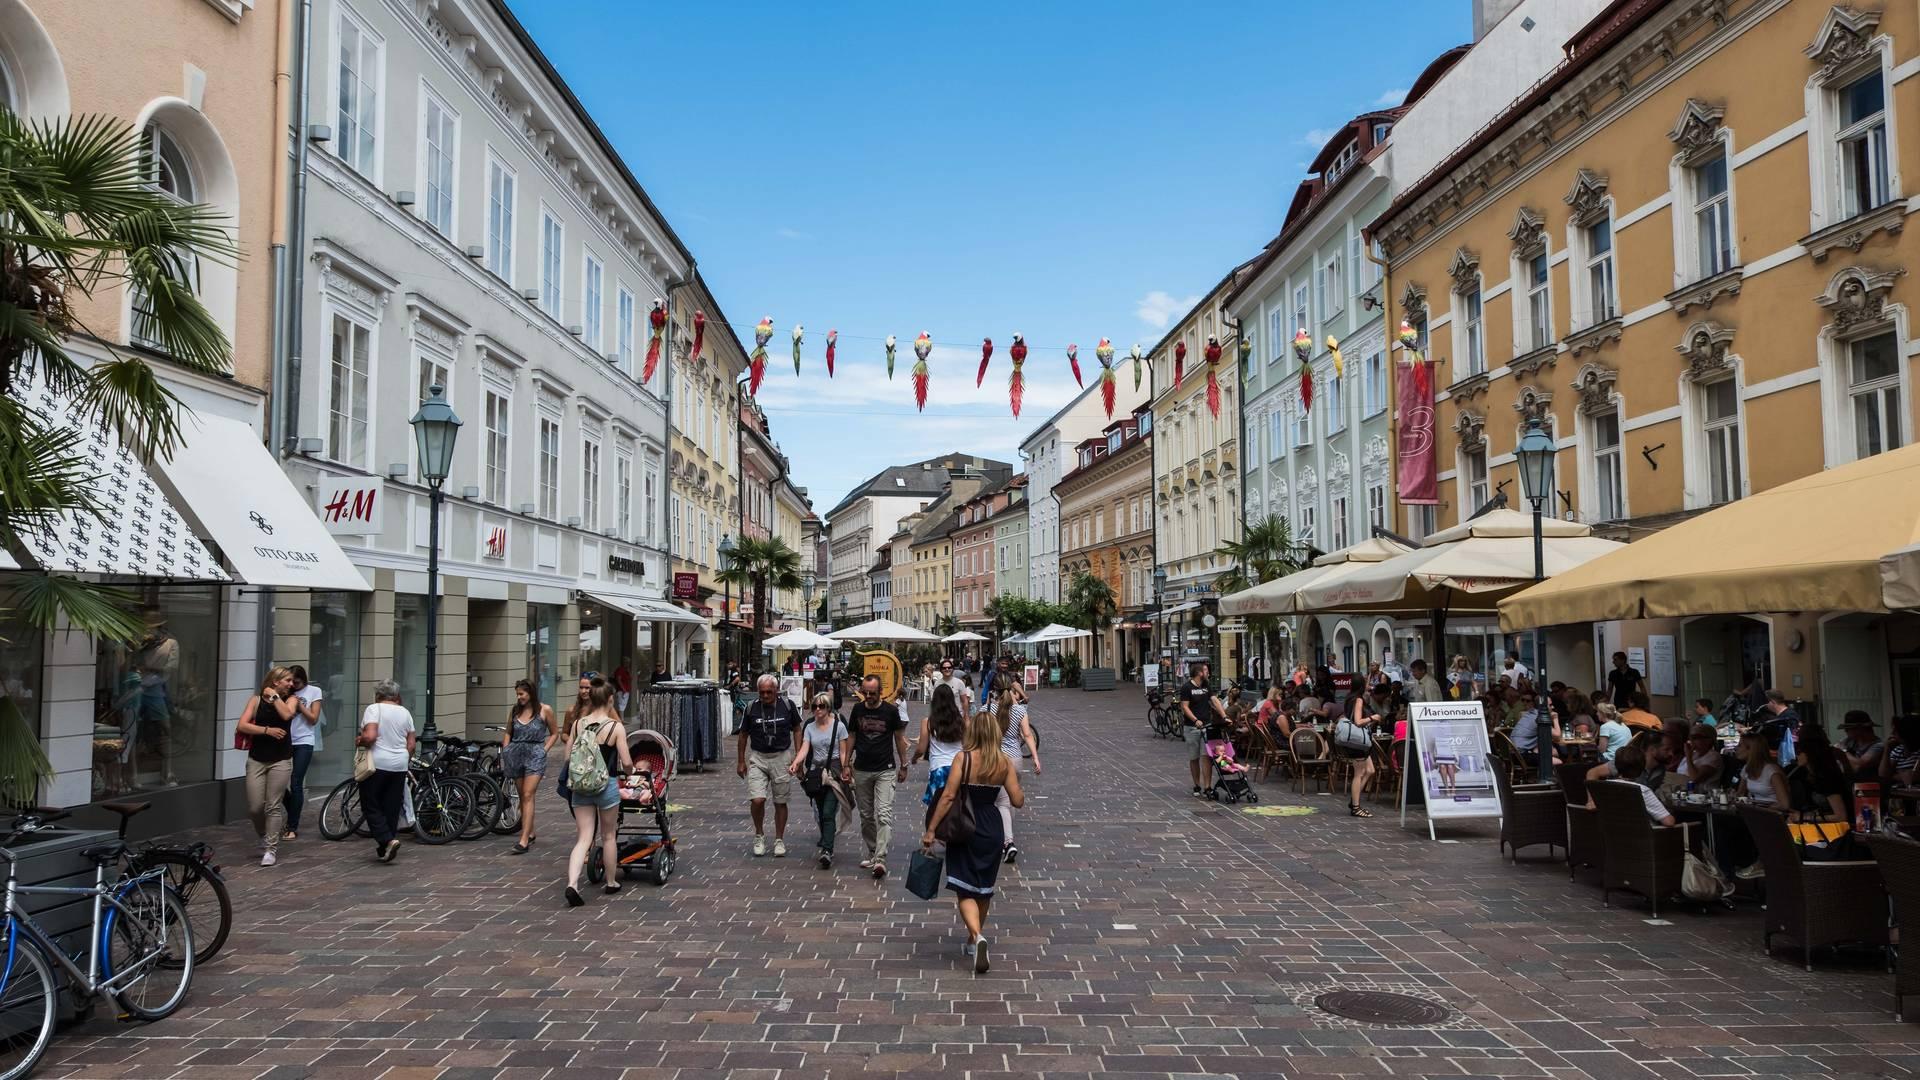 Kultur in Klagenfurt, Klagenfurt Innenstadt